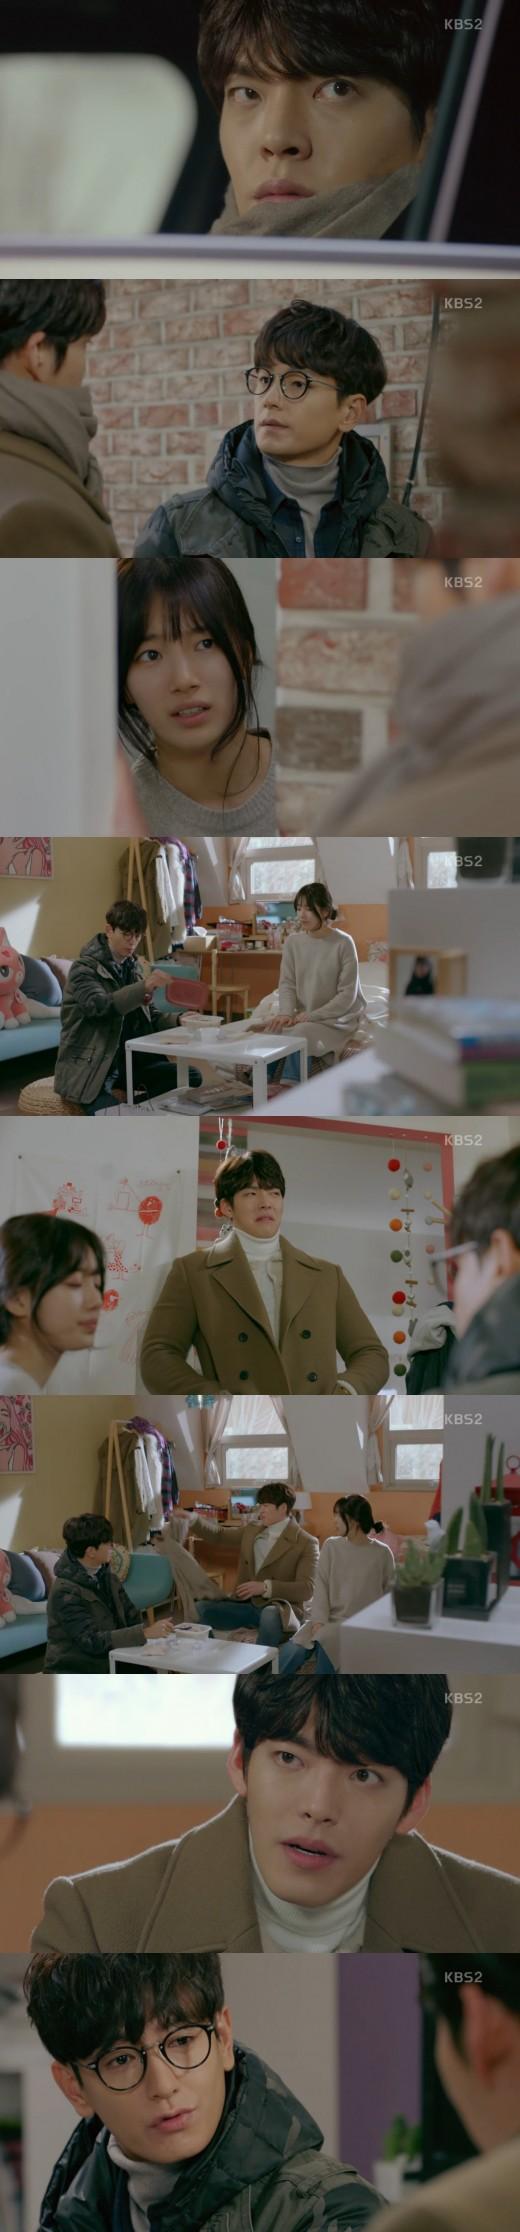 '함틋' 김우빈 vs 임주환, 수지♥ 갈구에 기싸움 팽팽